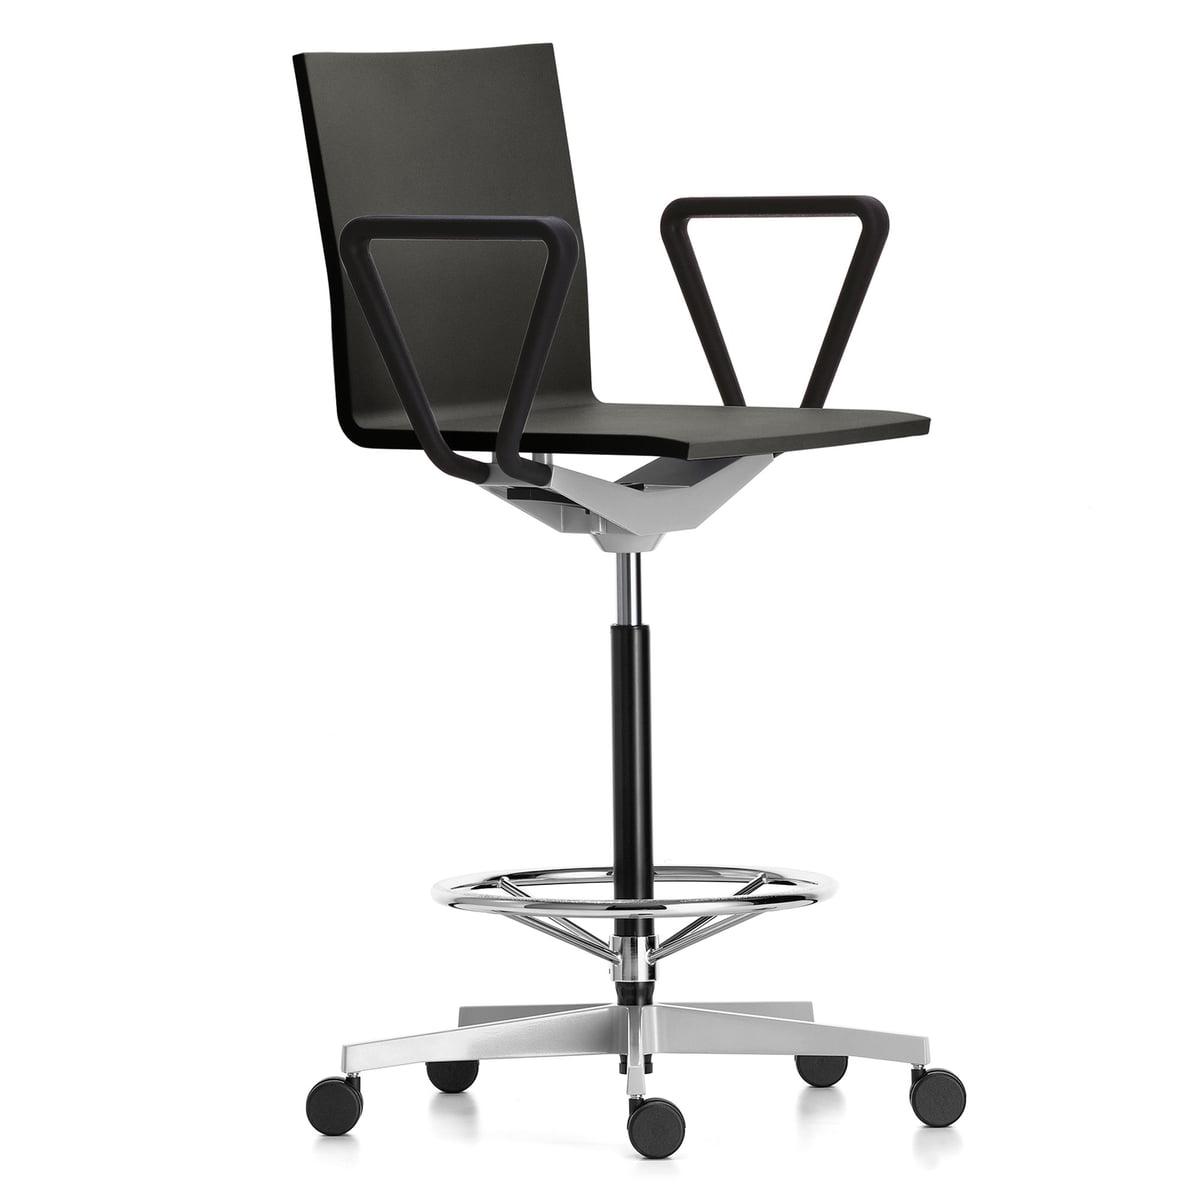 chaise de bureau pivotante 04 vitra connox. Black Bedroom Furniture Sets. Home Design Ideas